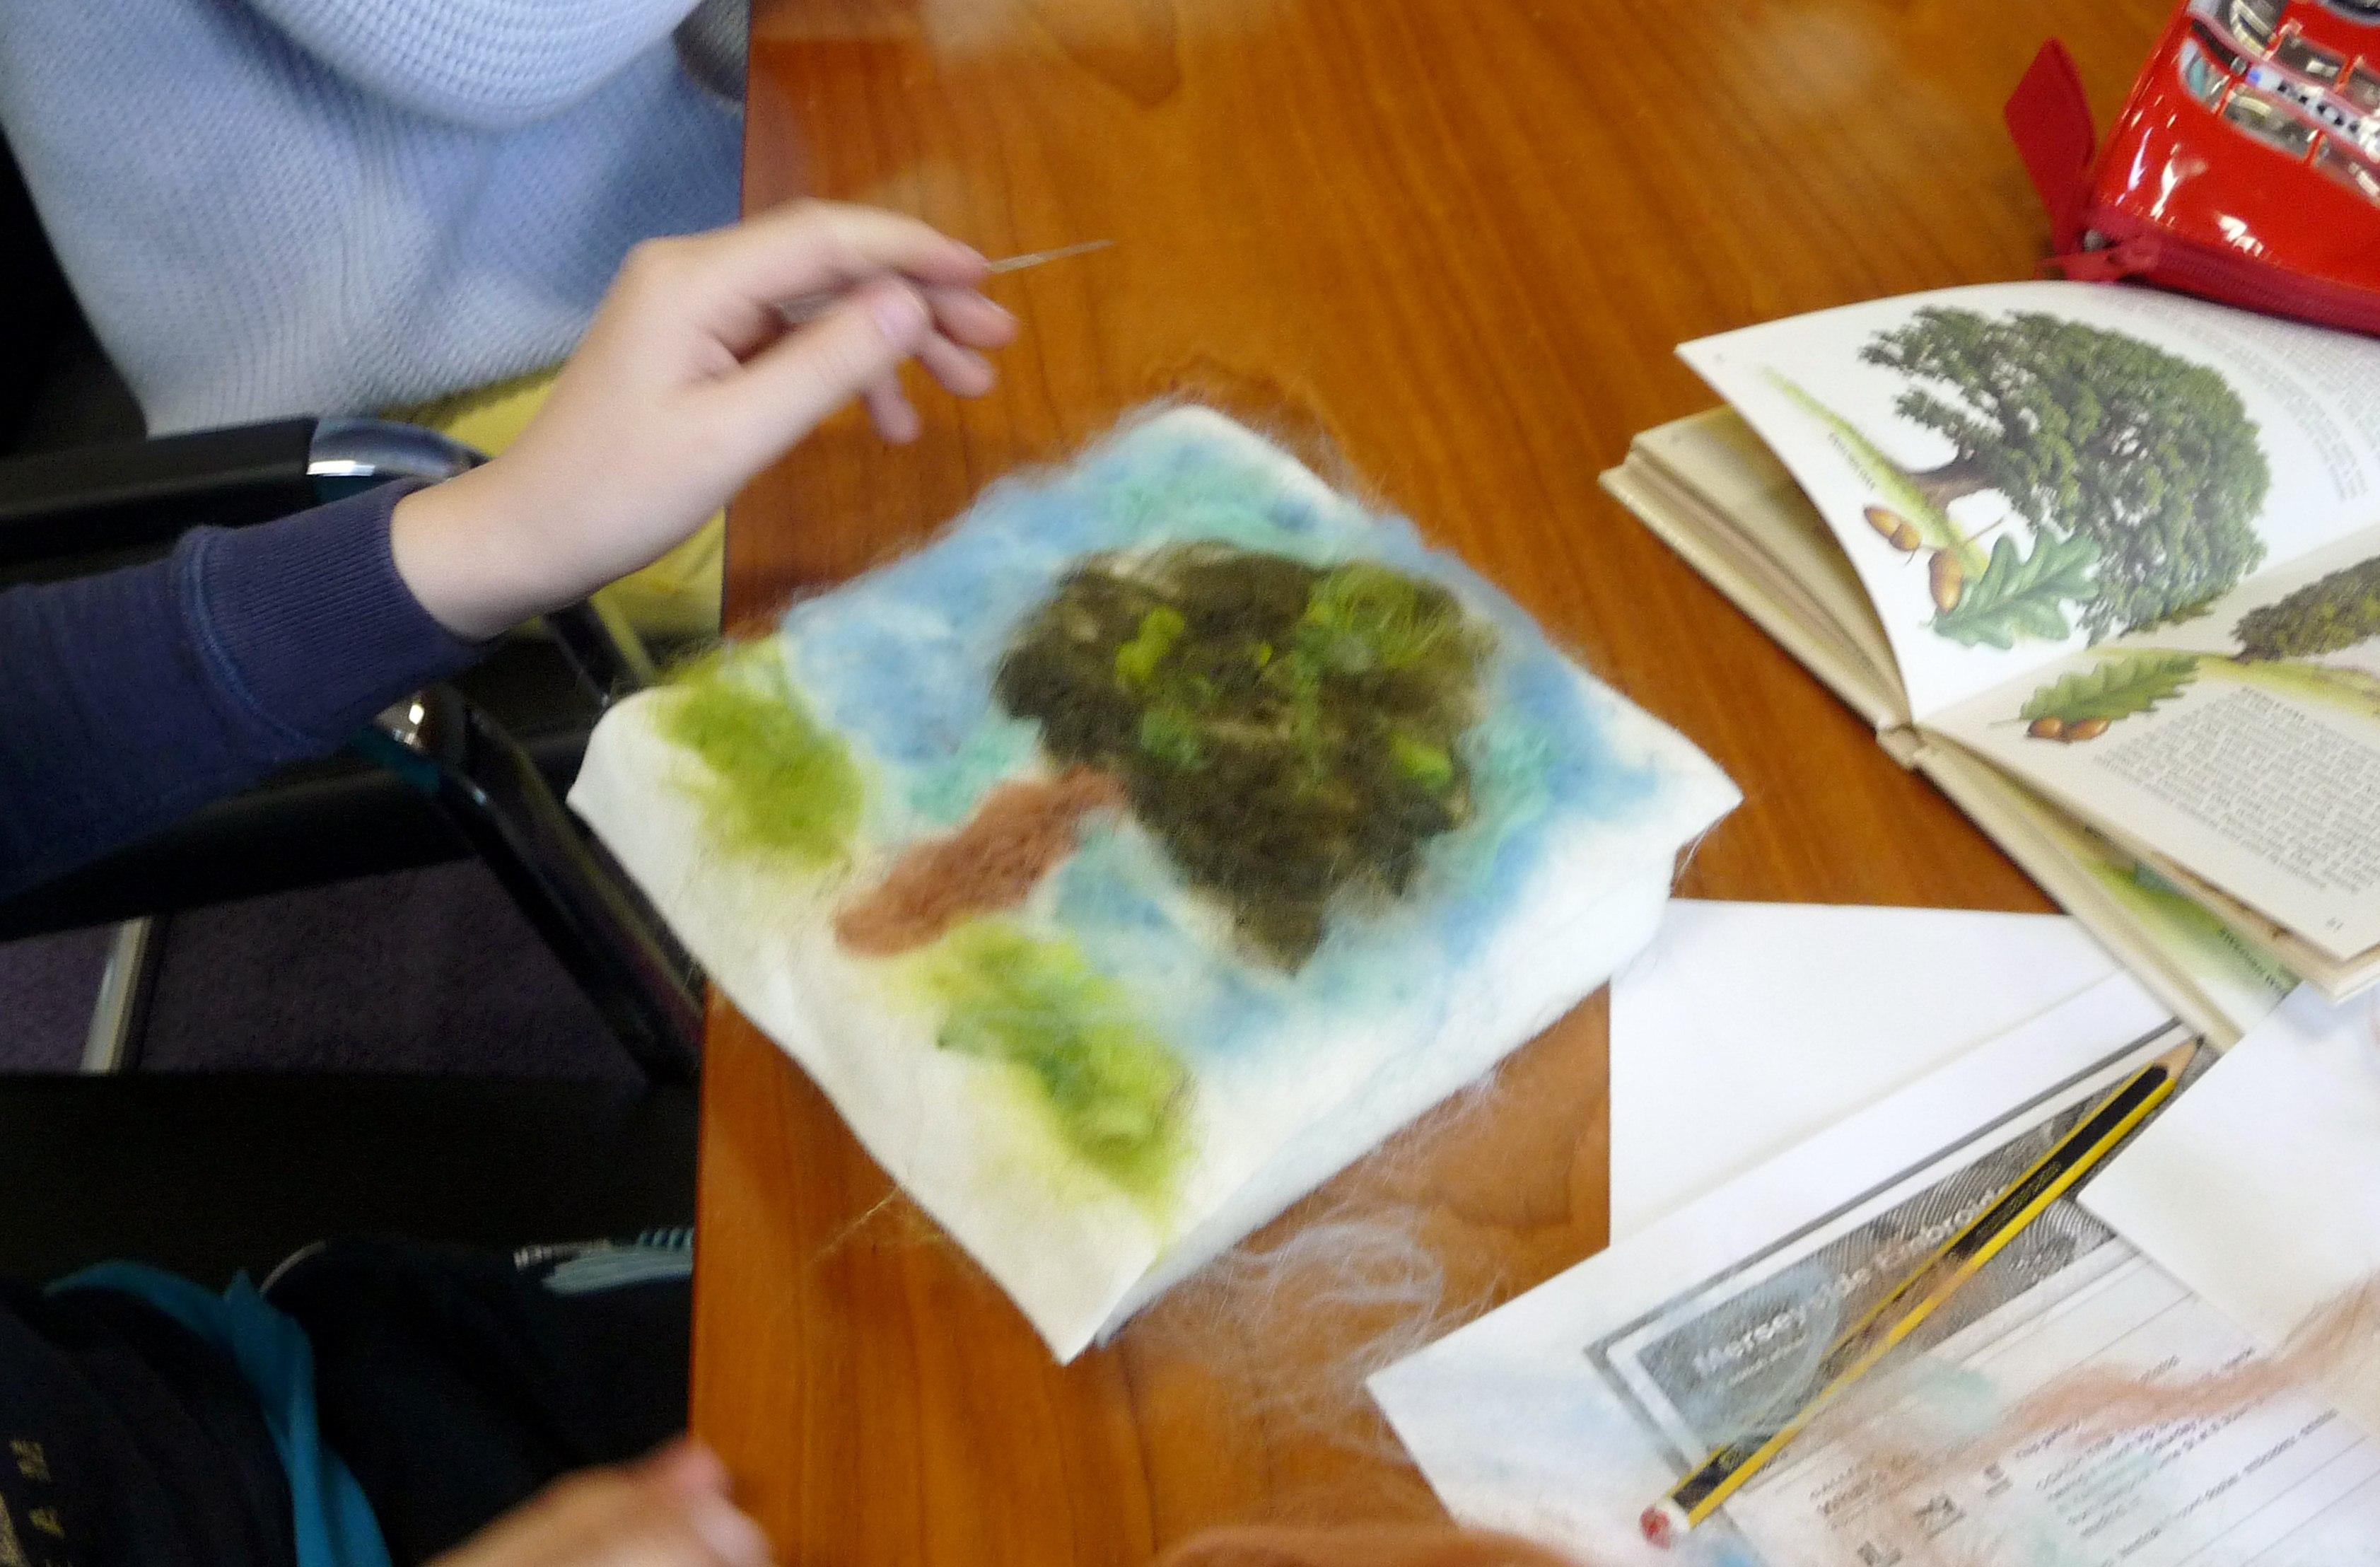 Merseyside YE were making needlefelted landscapes